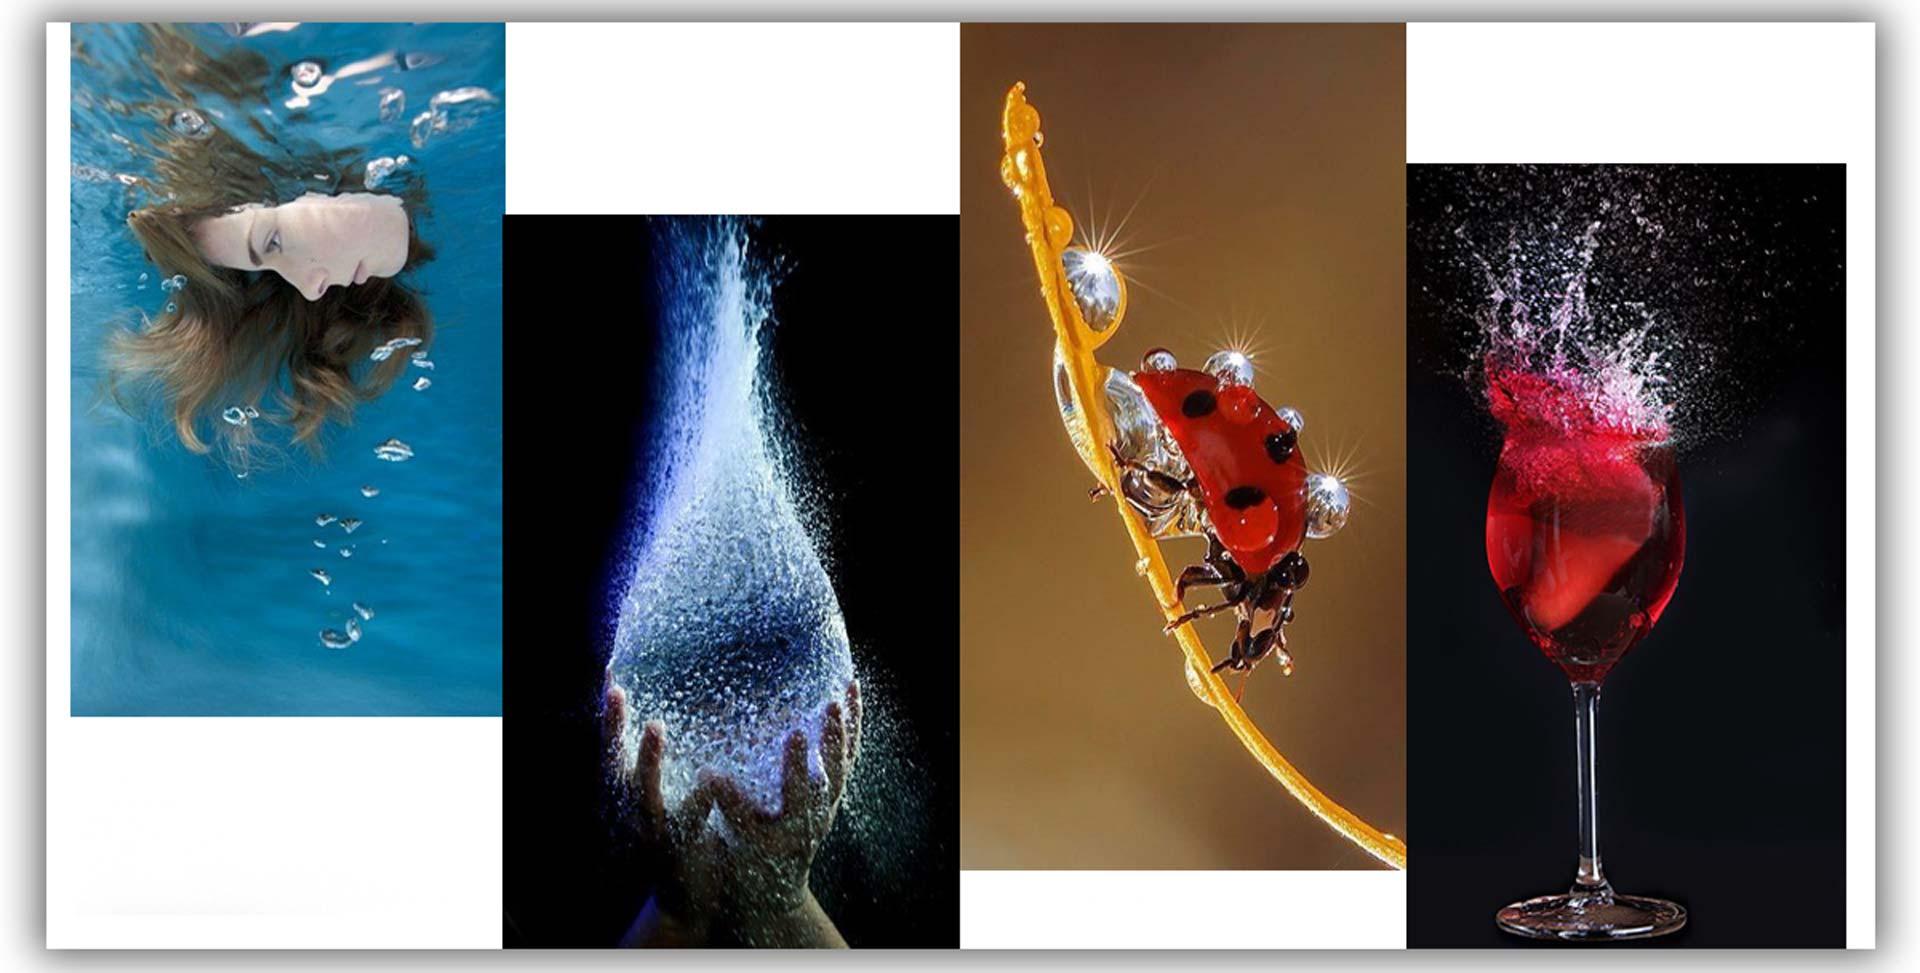 Water photographys 000s - 9 ایده ی عکاسی از آب برای نمایش پاشیدن قطرات آب